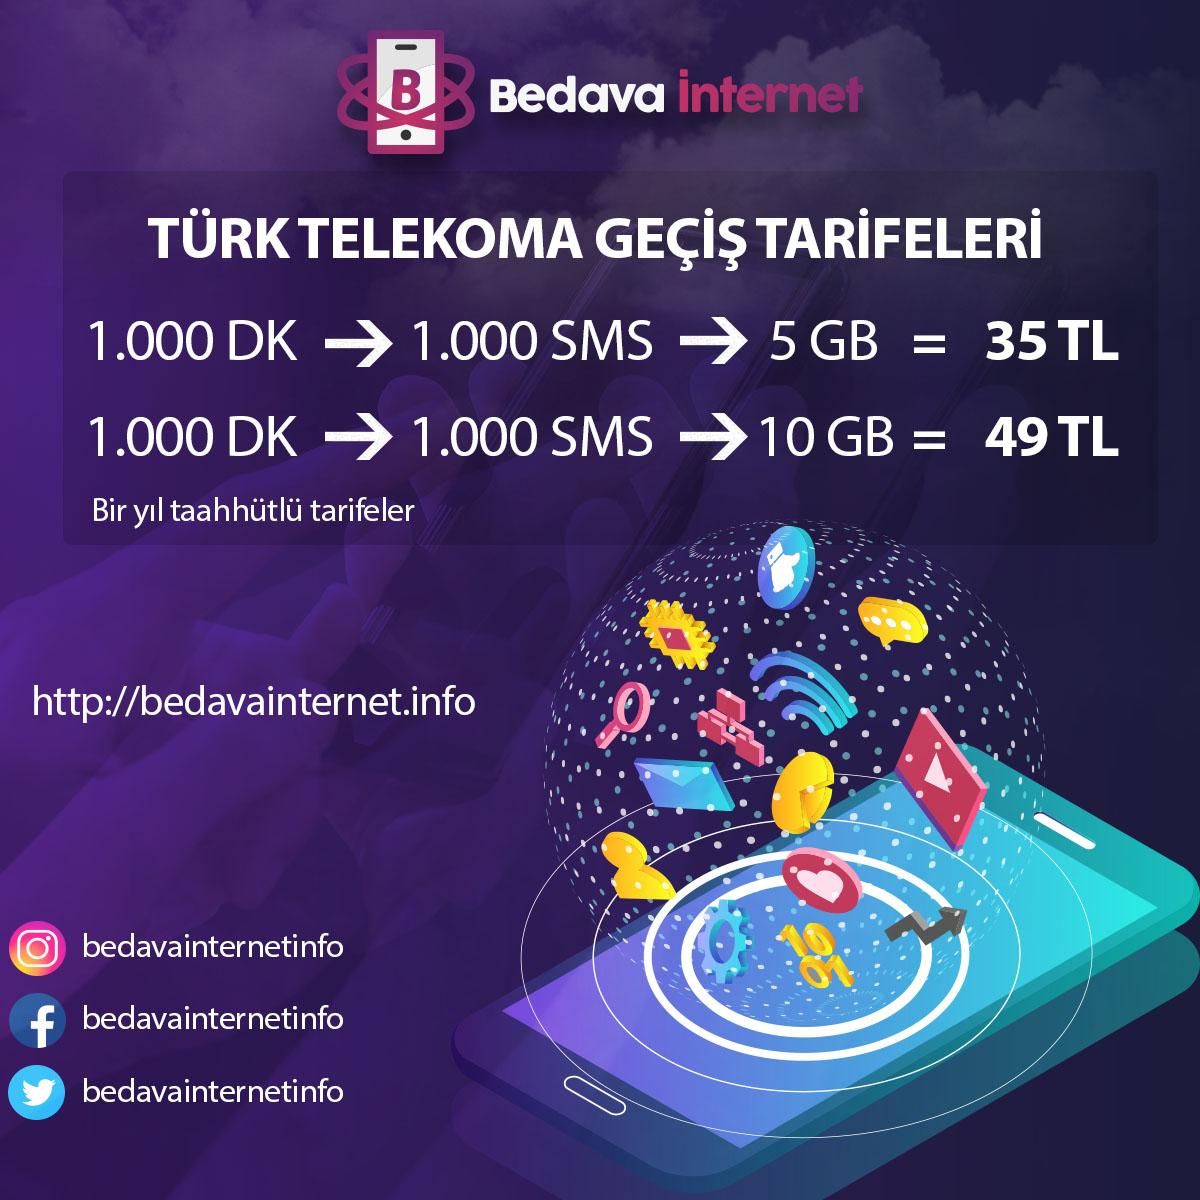 Türk Telekom'a geçiş tarifeleri ve avantaj paketleri